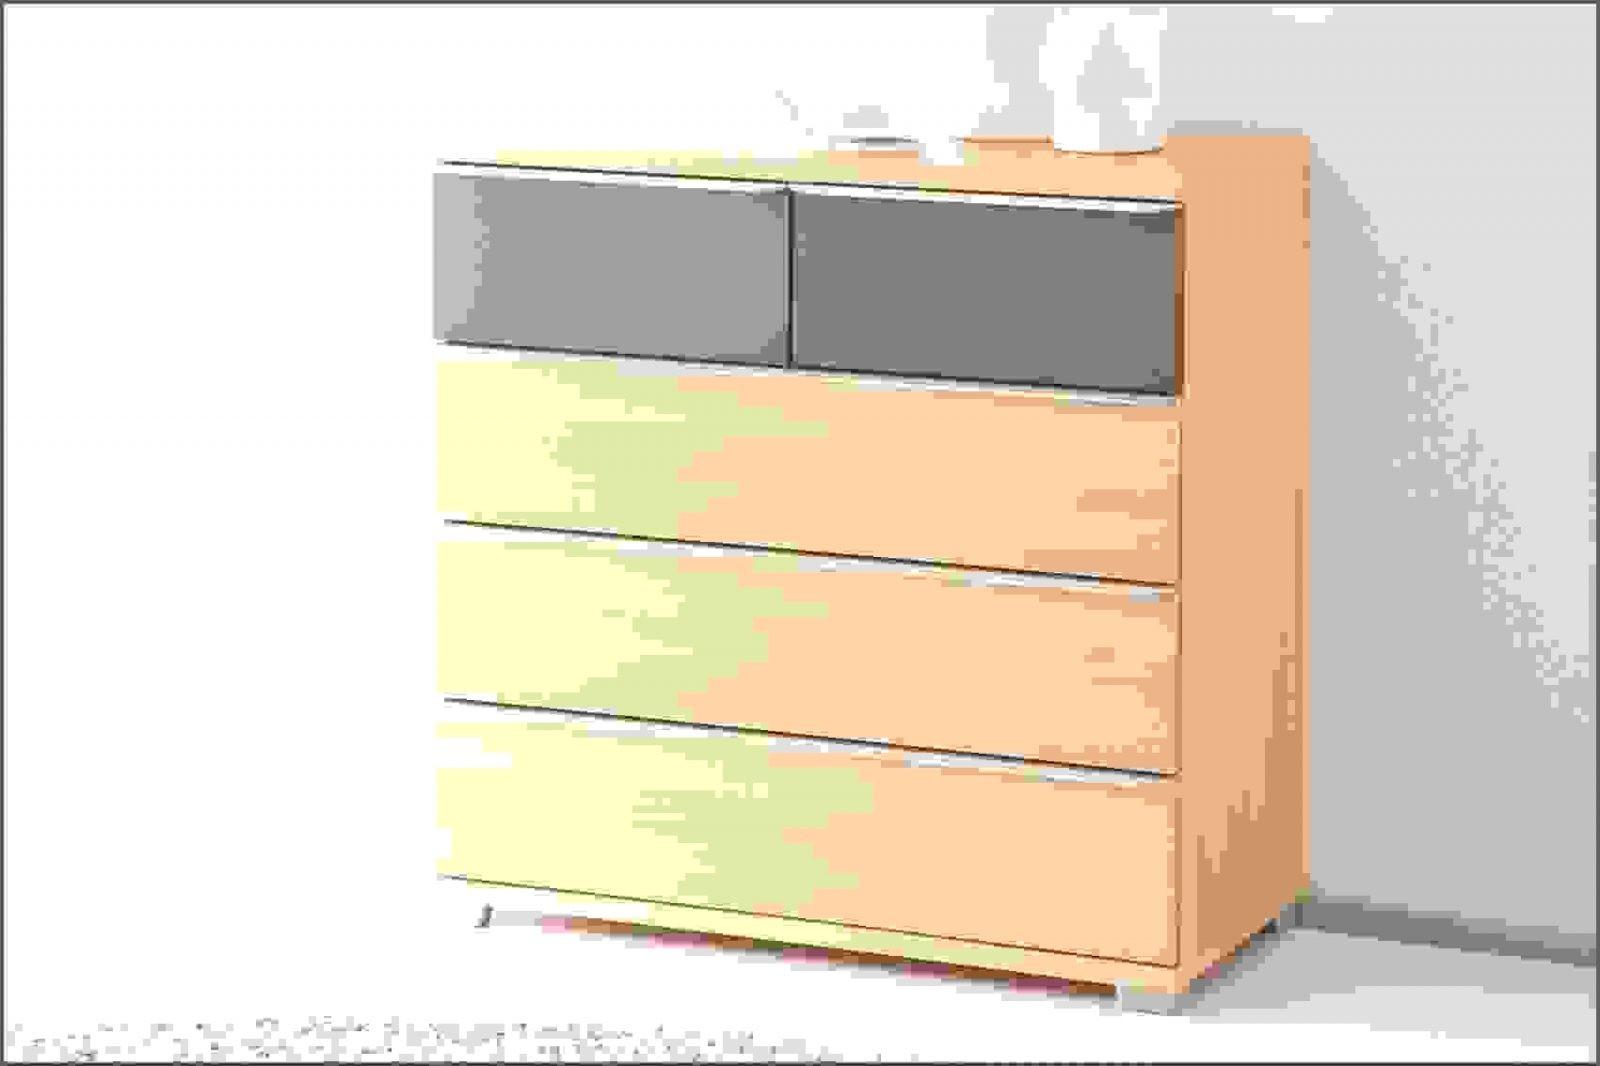 Ausgezeichnet Staud Kommode Rubin 0 Von Minions Bettwäsche Aldi von Minions Bettwäsche Aldi Bild